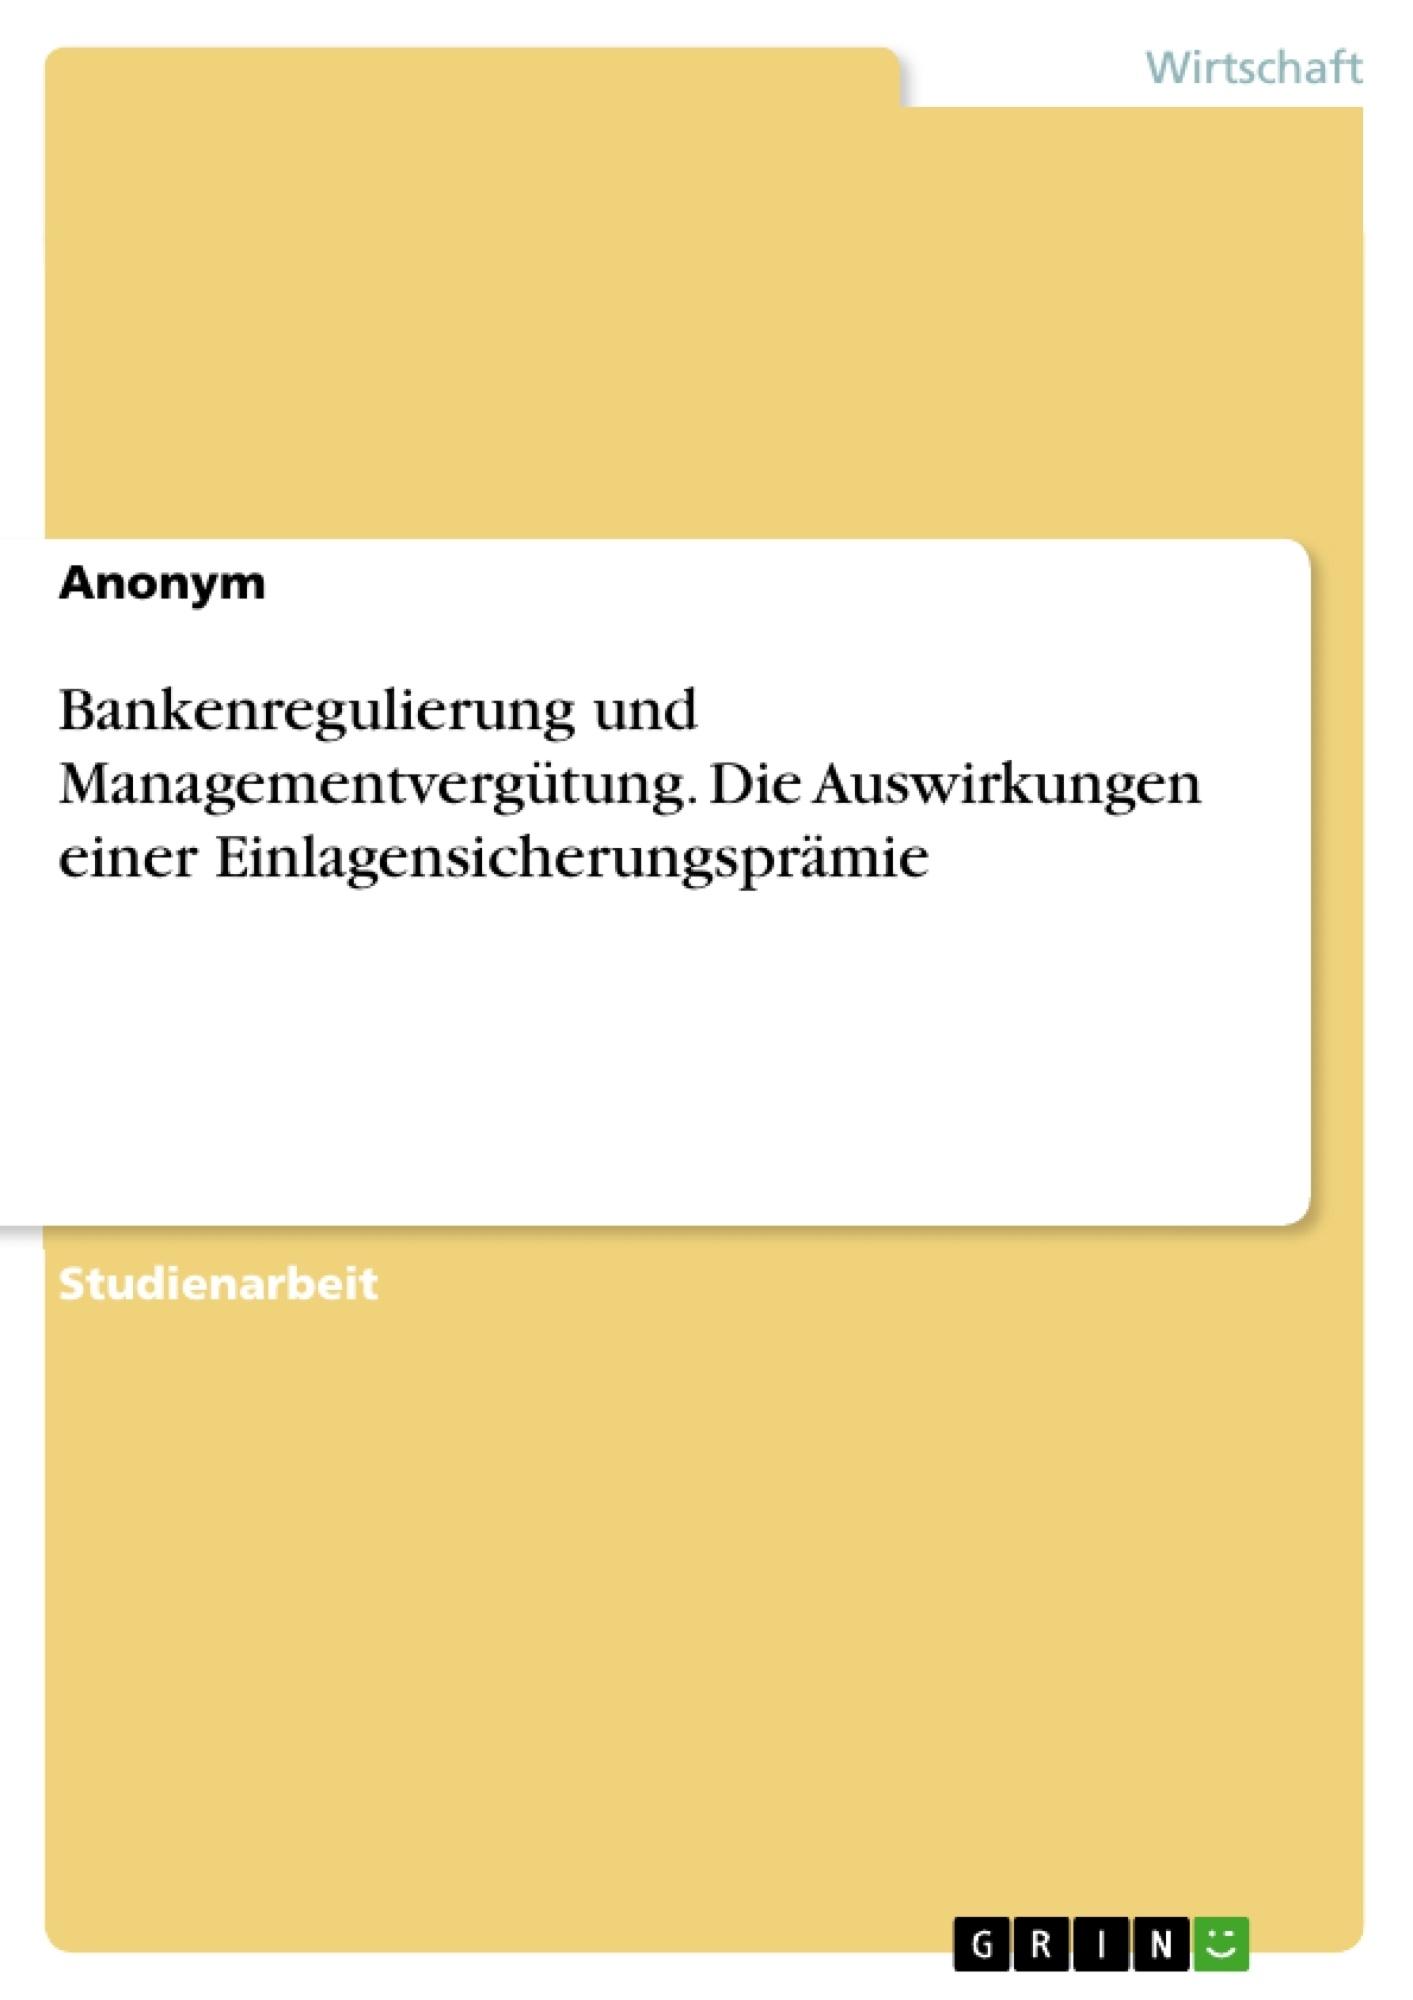 Titel: Bankenregulierung und Managementvergütung. Die Auswirkungen einer Einlagensicherungsprämie